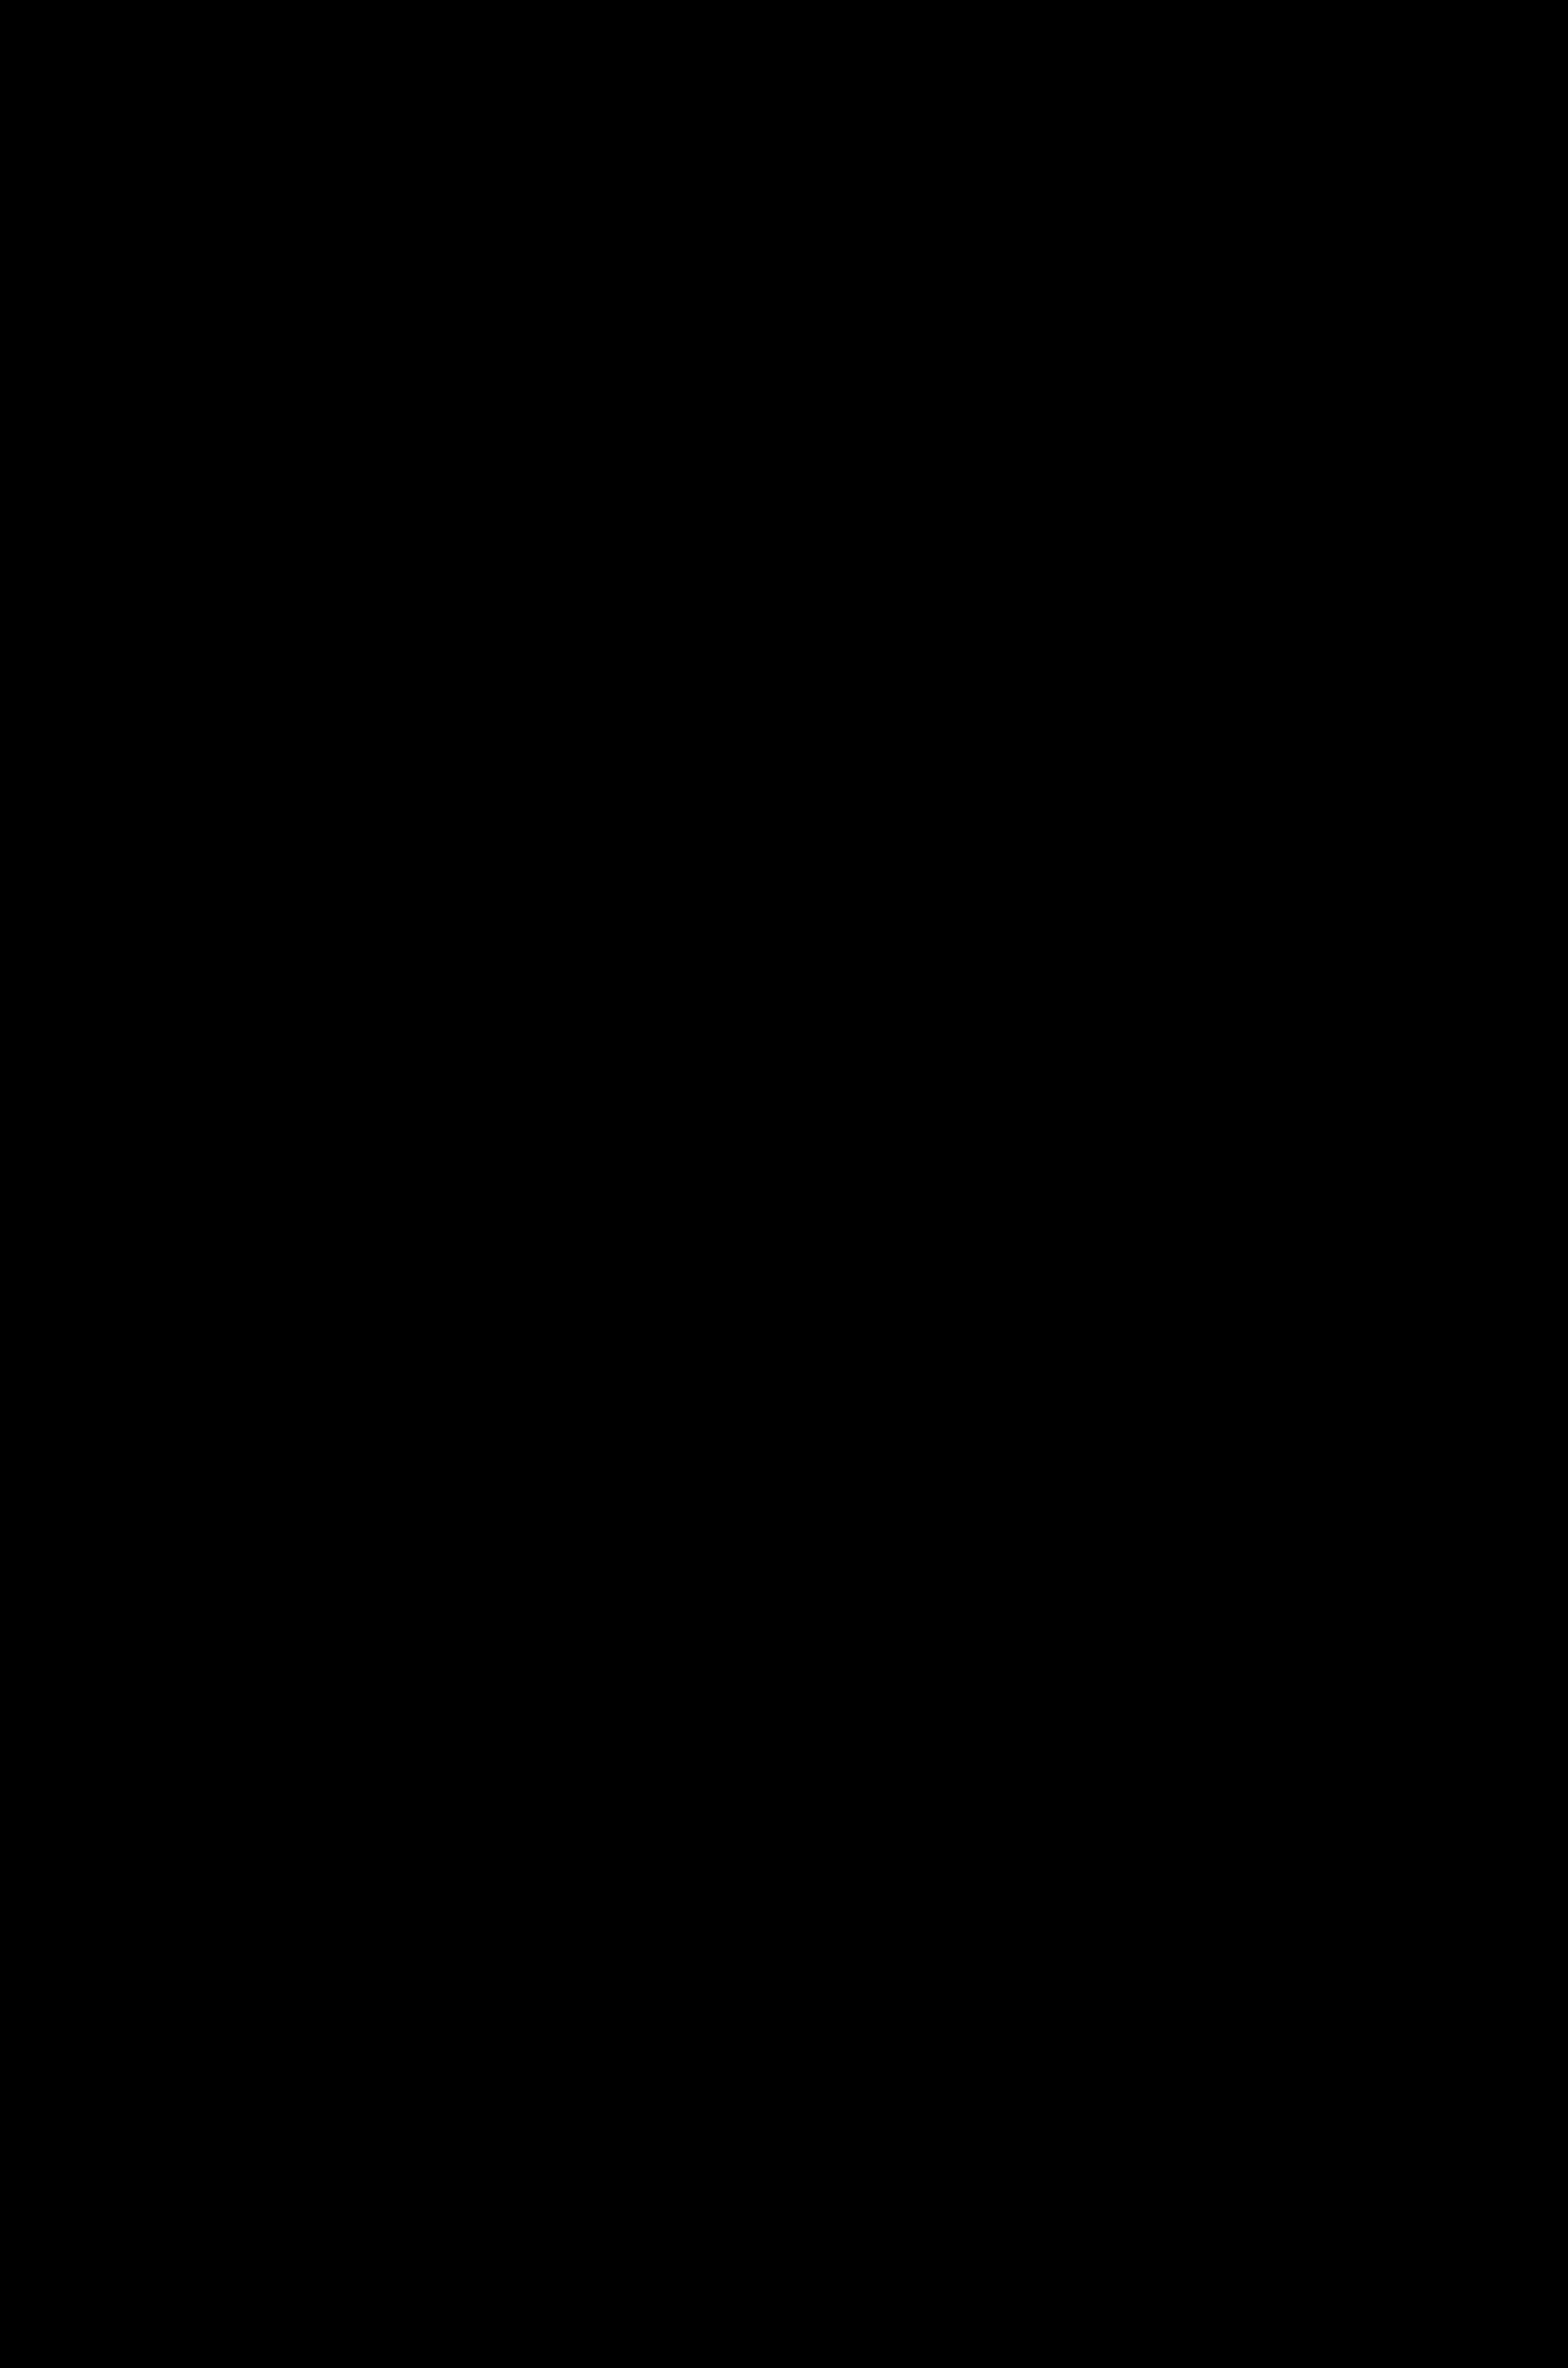 hlg_2906